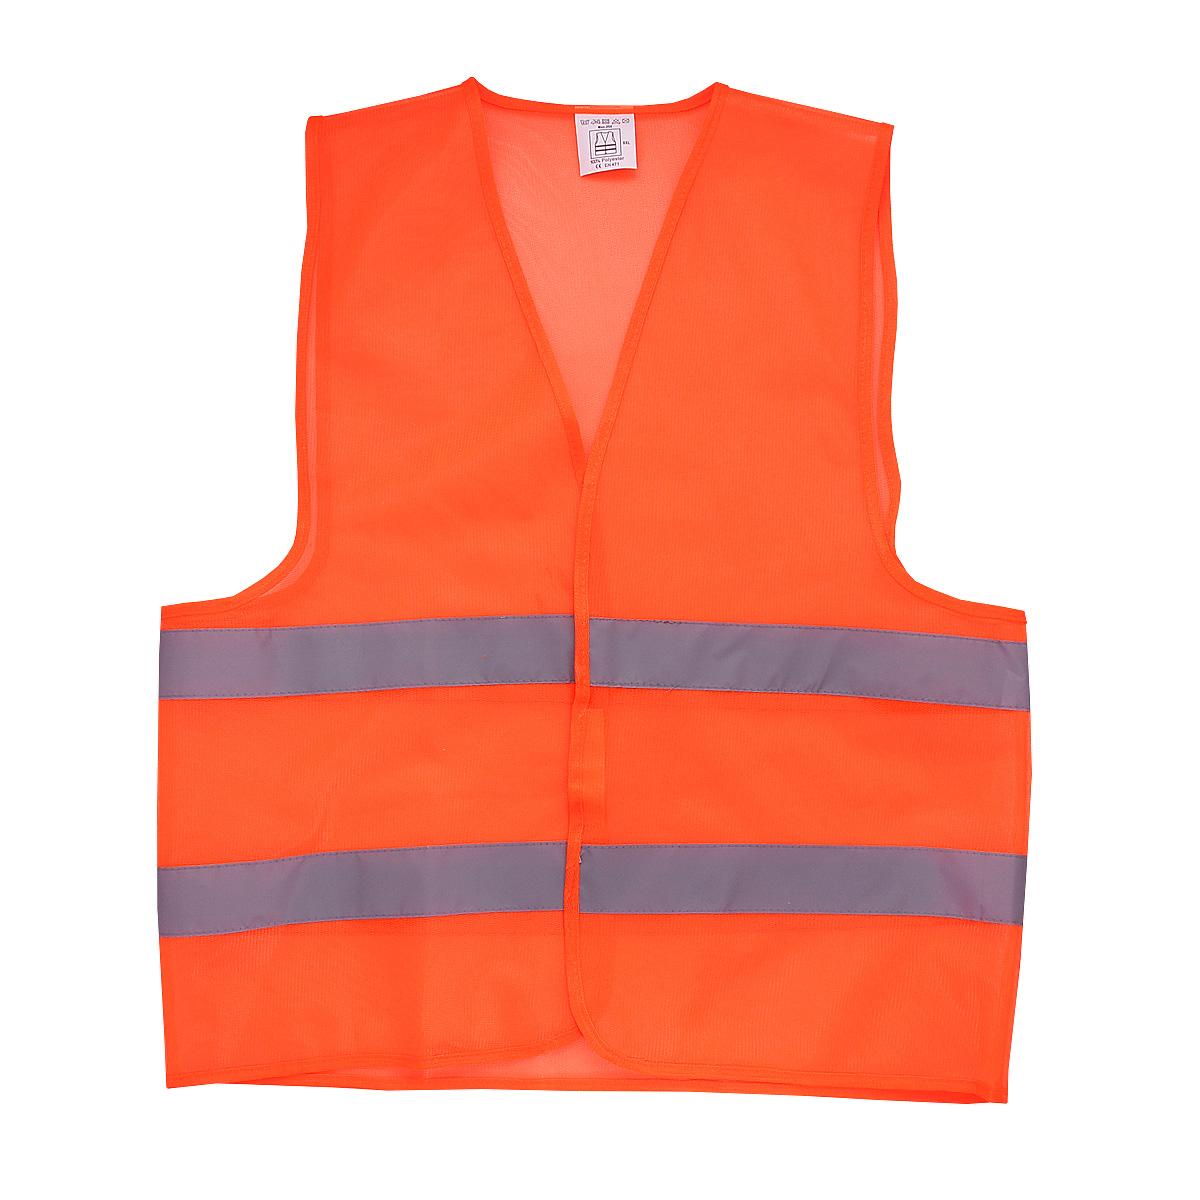 Жилет сигнальный FIT Сеточка, цвет: оранжевый, XXL12140Жилет с двумя горизонтальными световозвращающими полосами. Из сетчатой ткани, пропускающей воздух. Используется для улучшения видимости при работе в темное время суток. Во время дорожных, строительных работ, во время ремонта машины на дороге, при работе рядом с транспортом. Материал: 100% полиэстер. Размер: XXL.